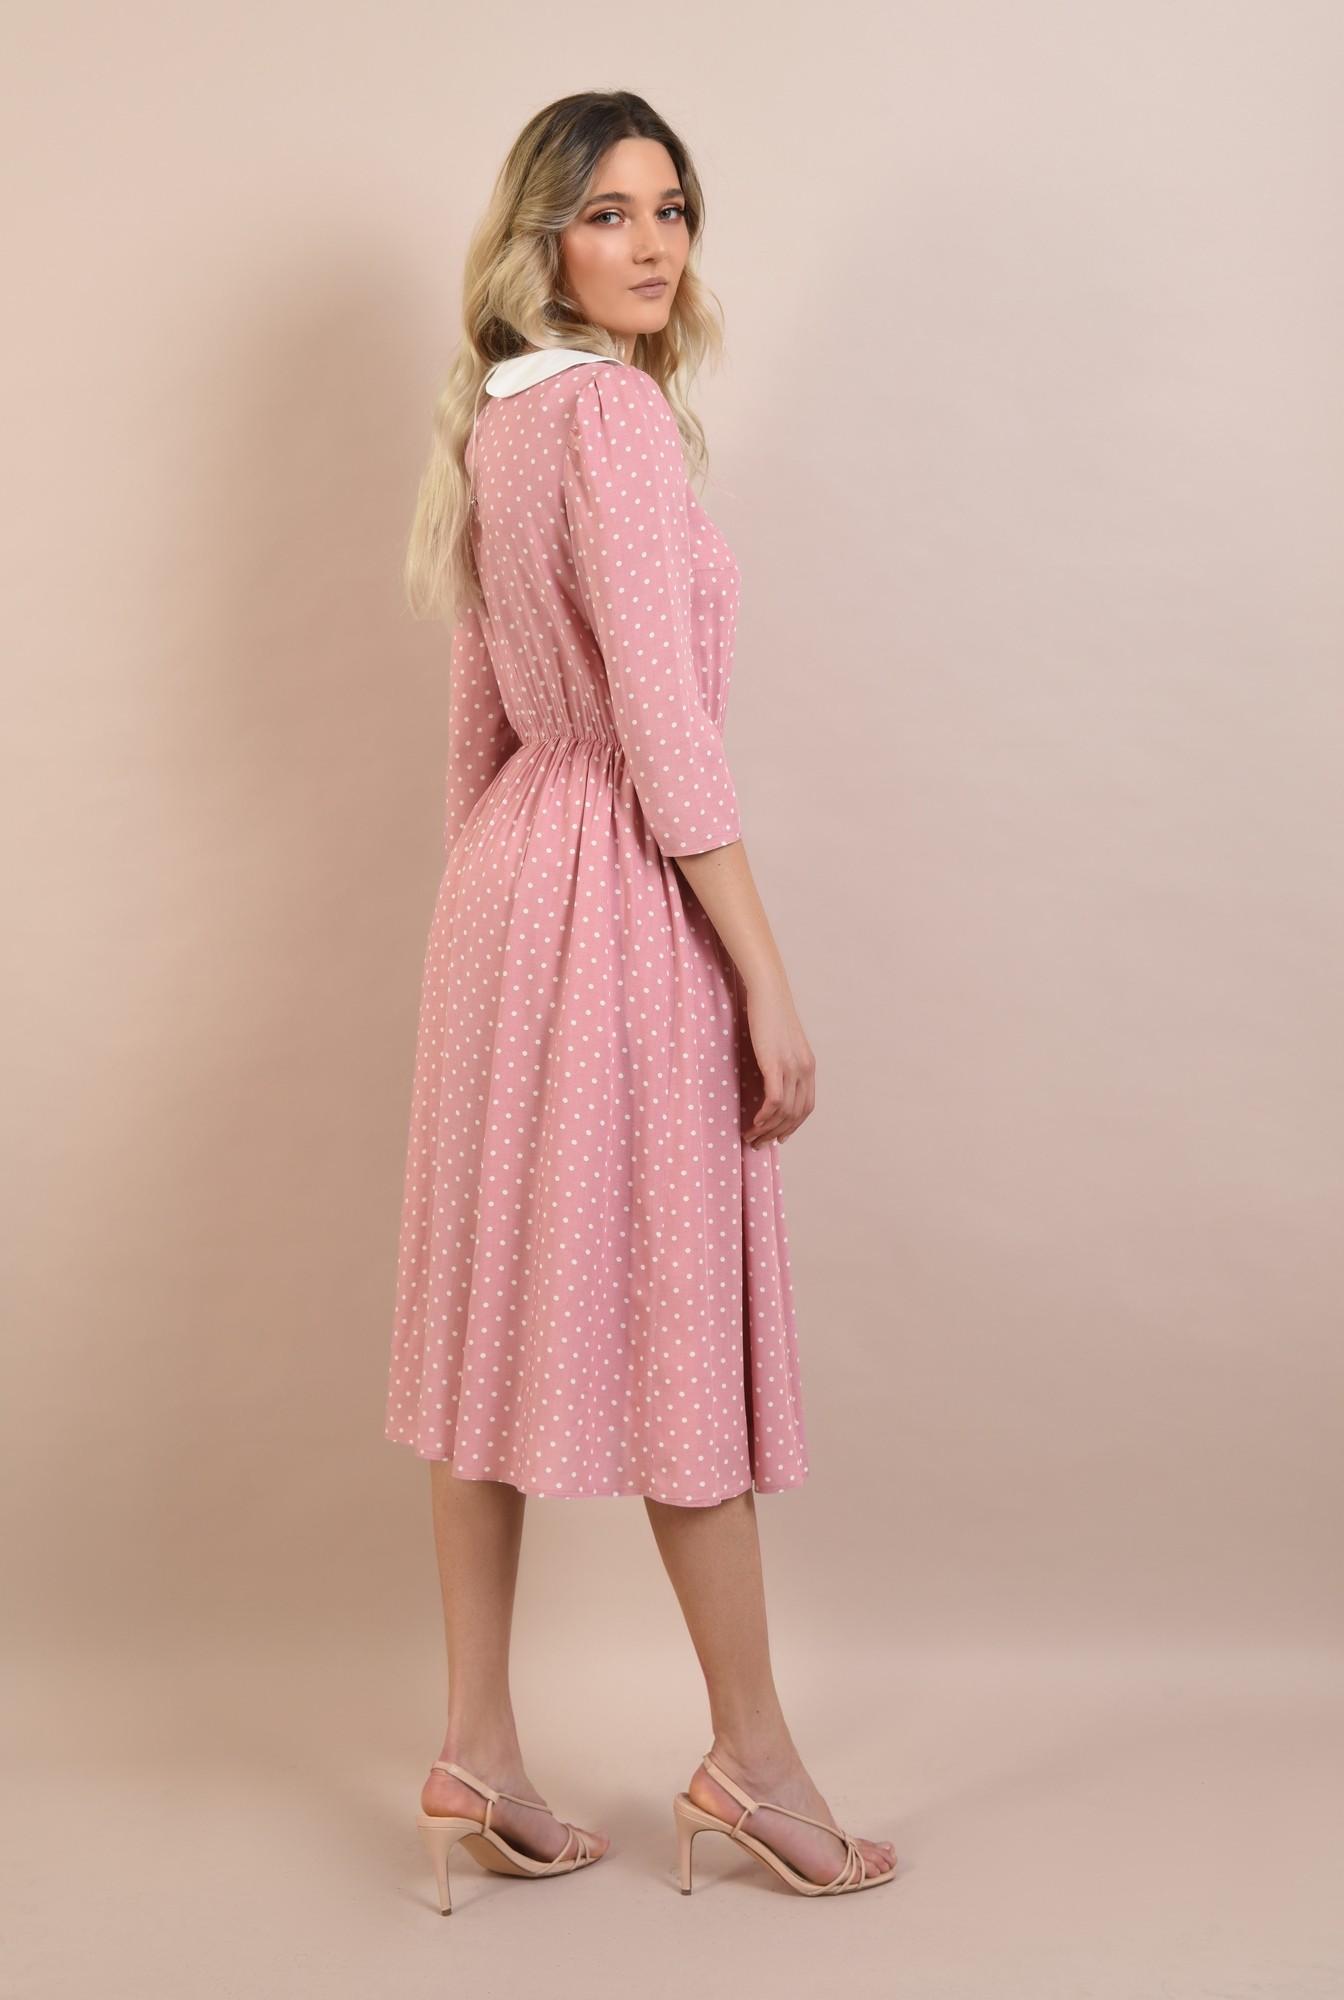 1 -  rochie cu buline, casual, de zi, rochie de vara, cu guler